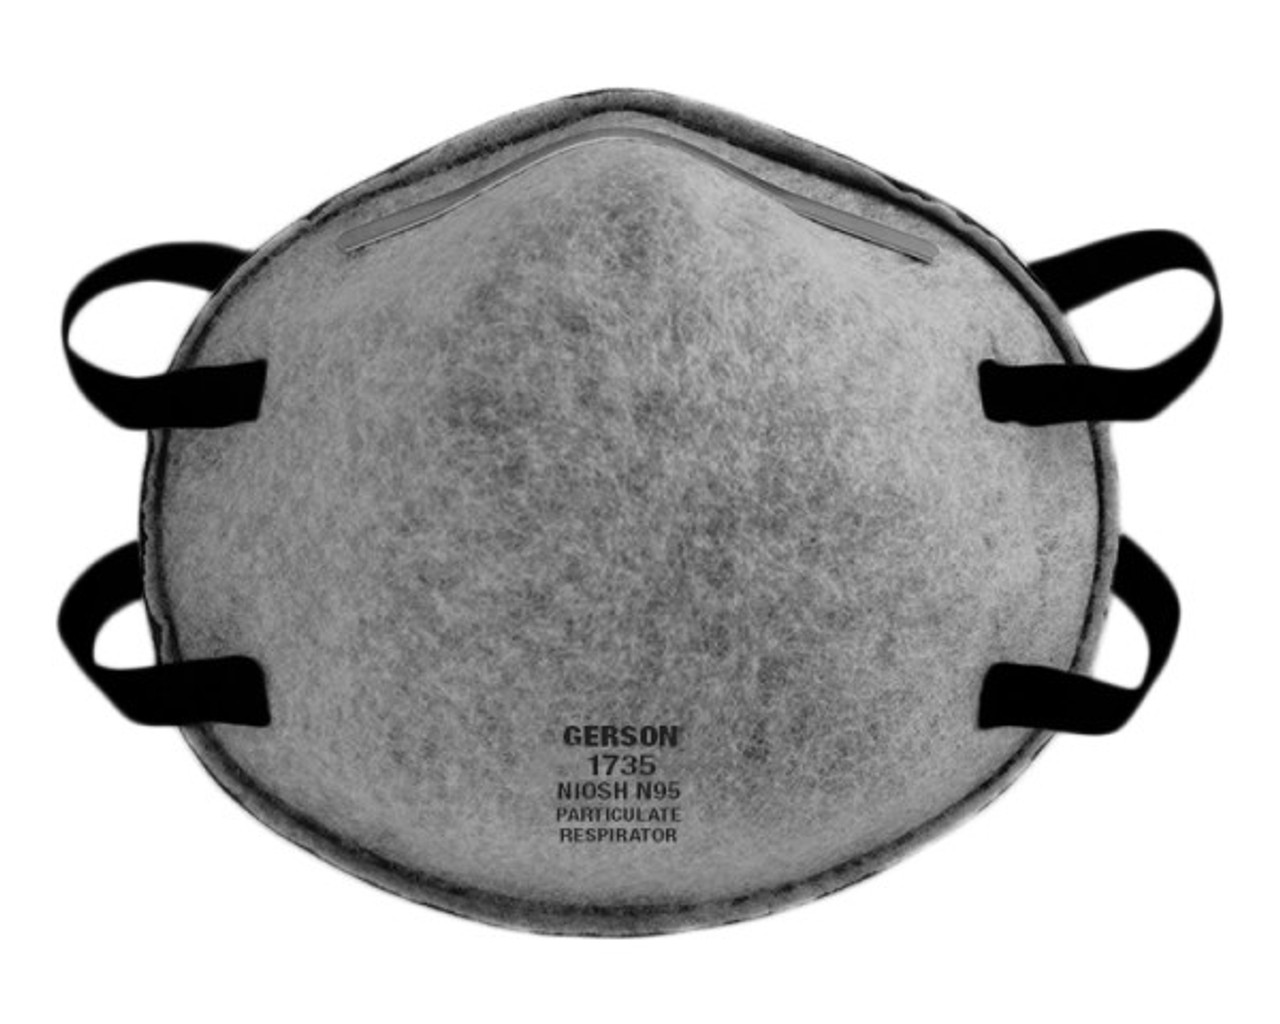 gerson n95 mask